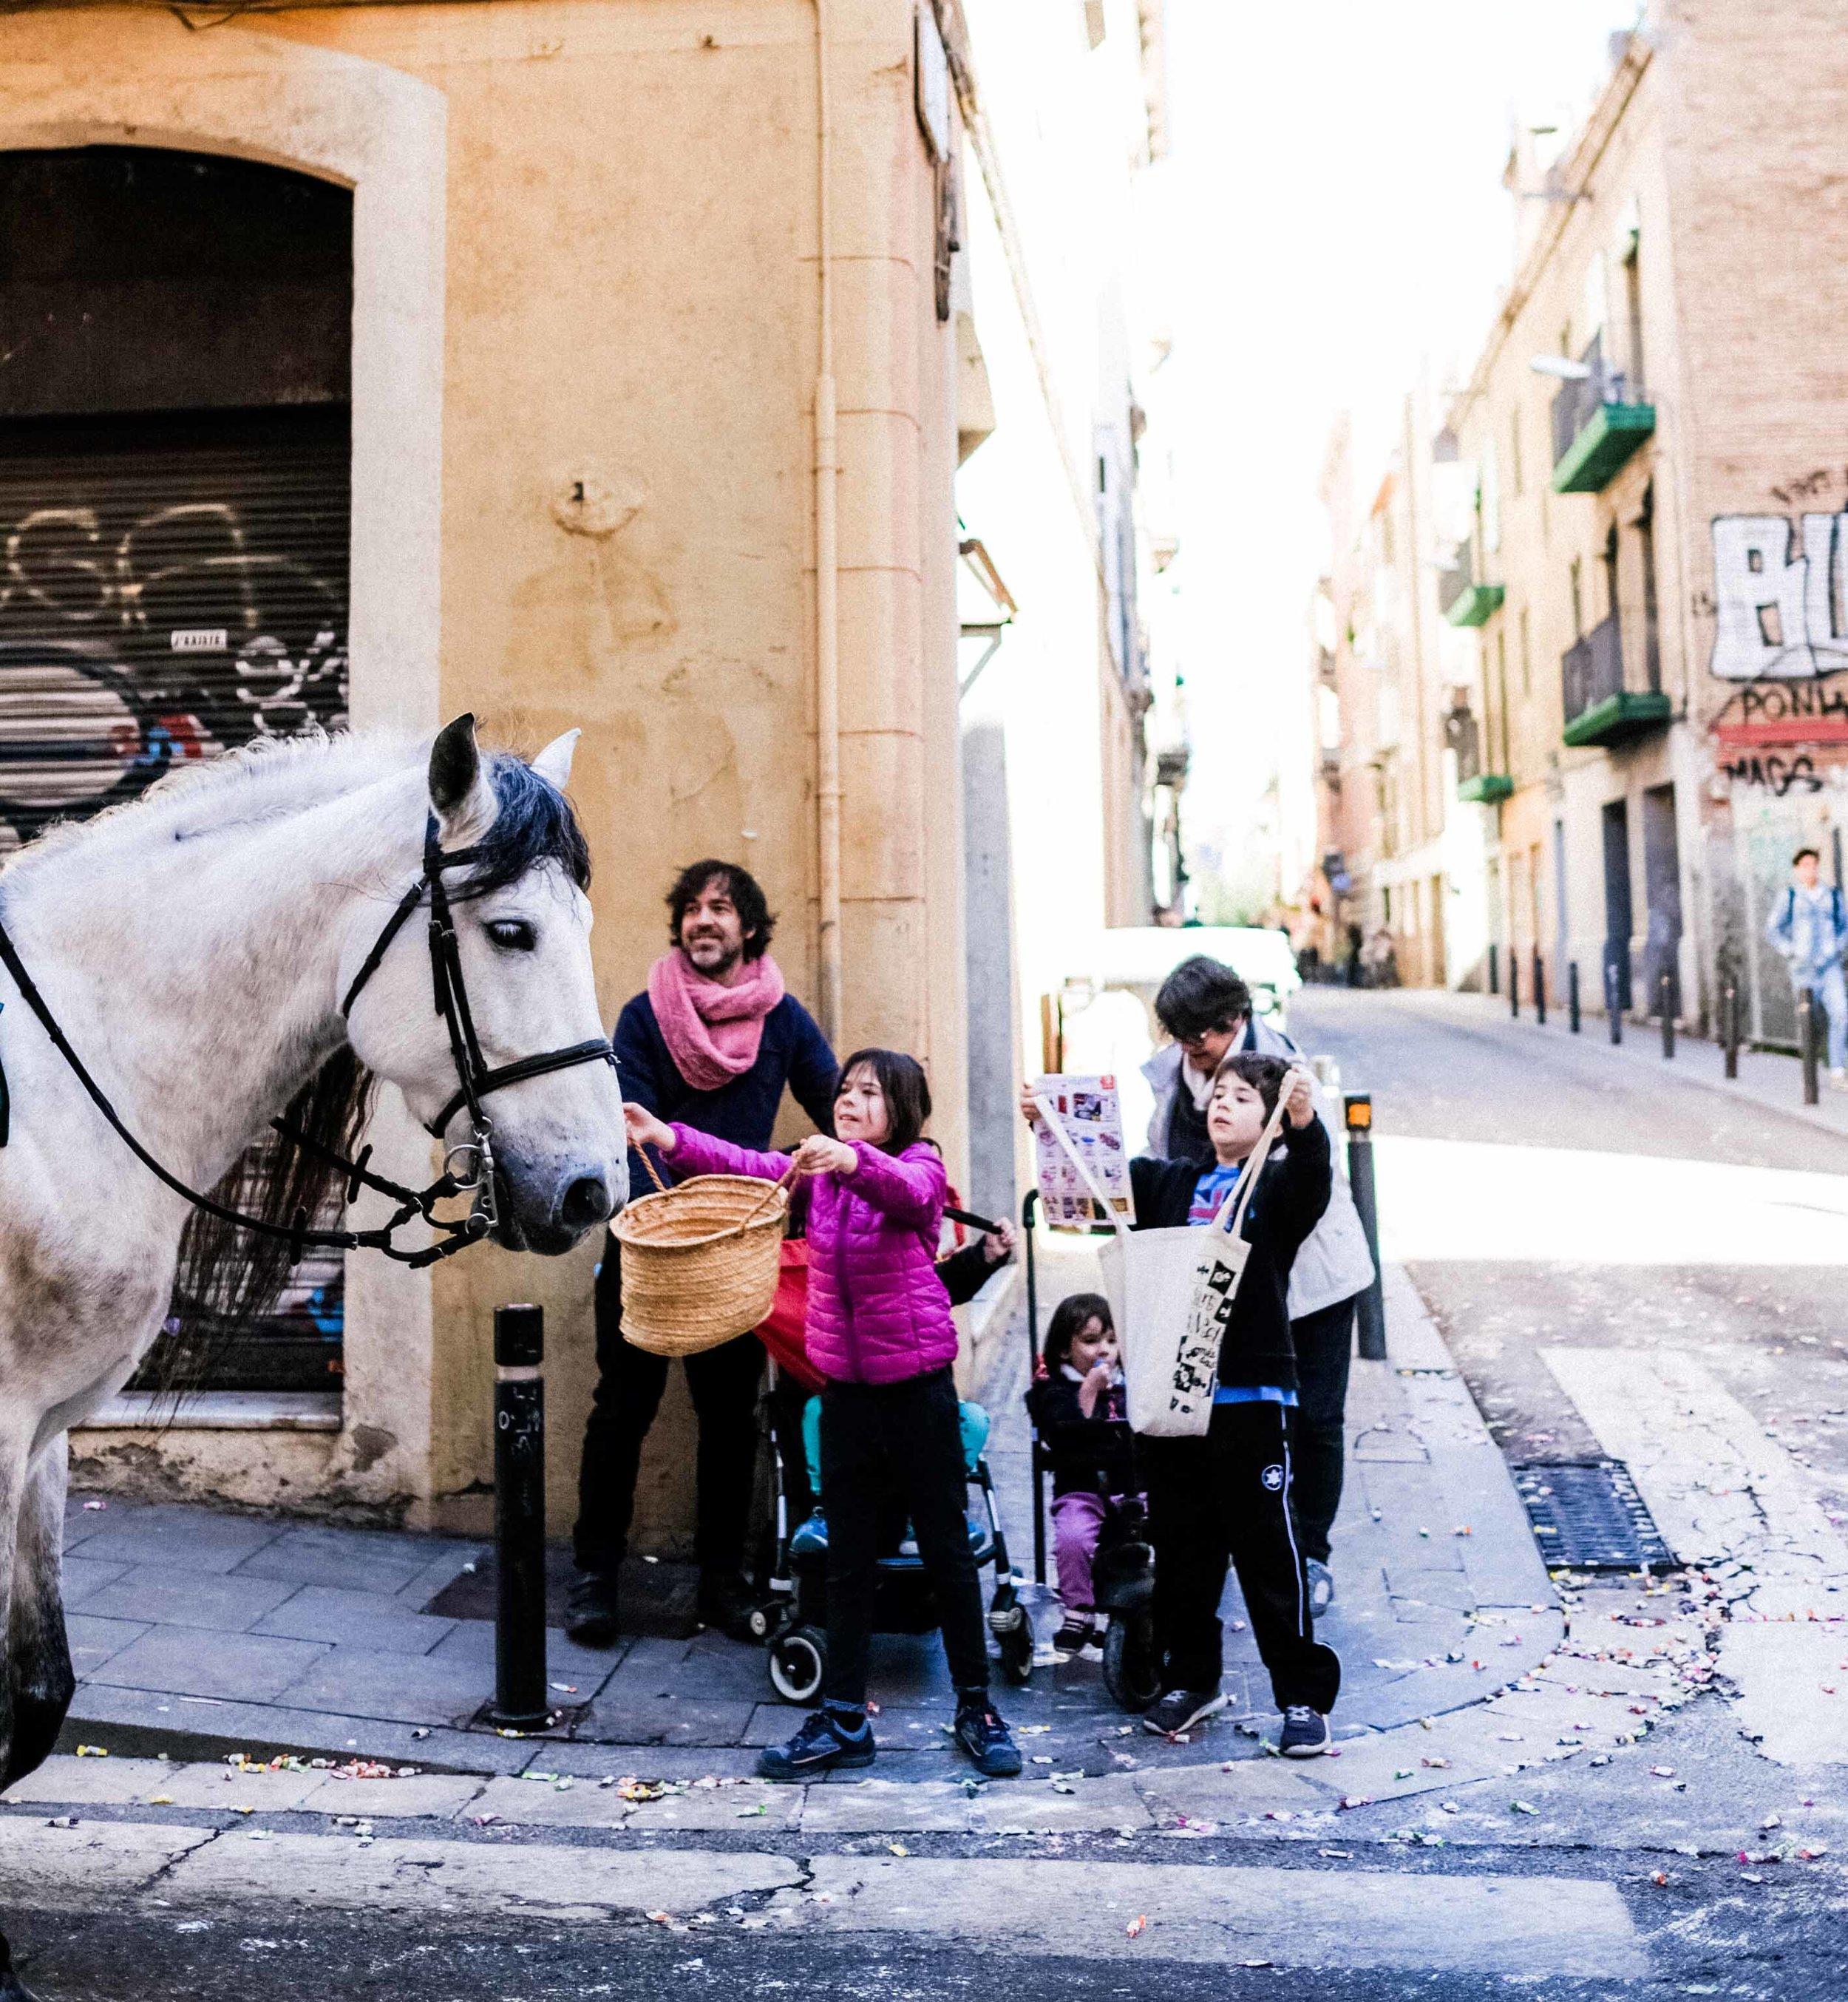 Barcelona-151låg.jpg